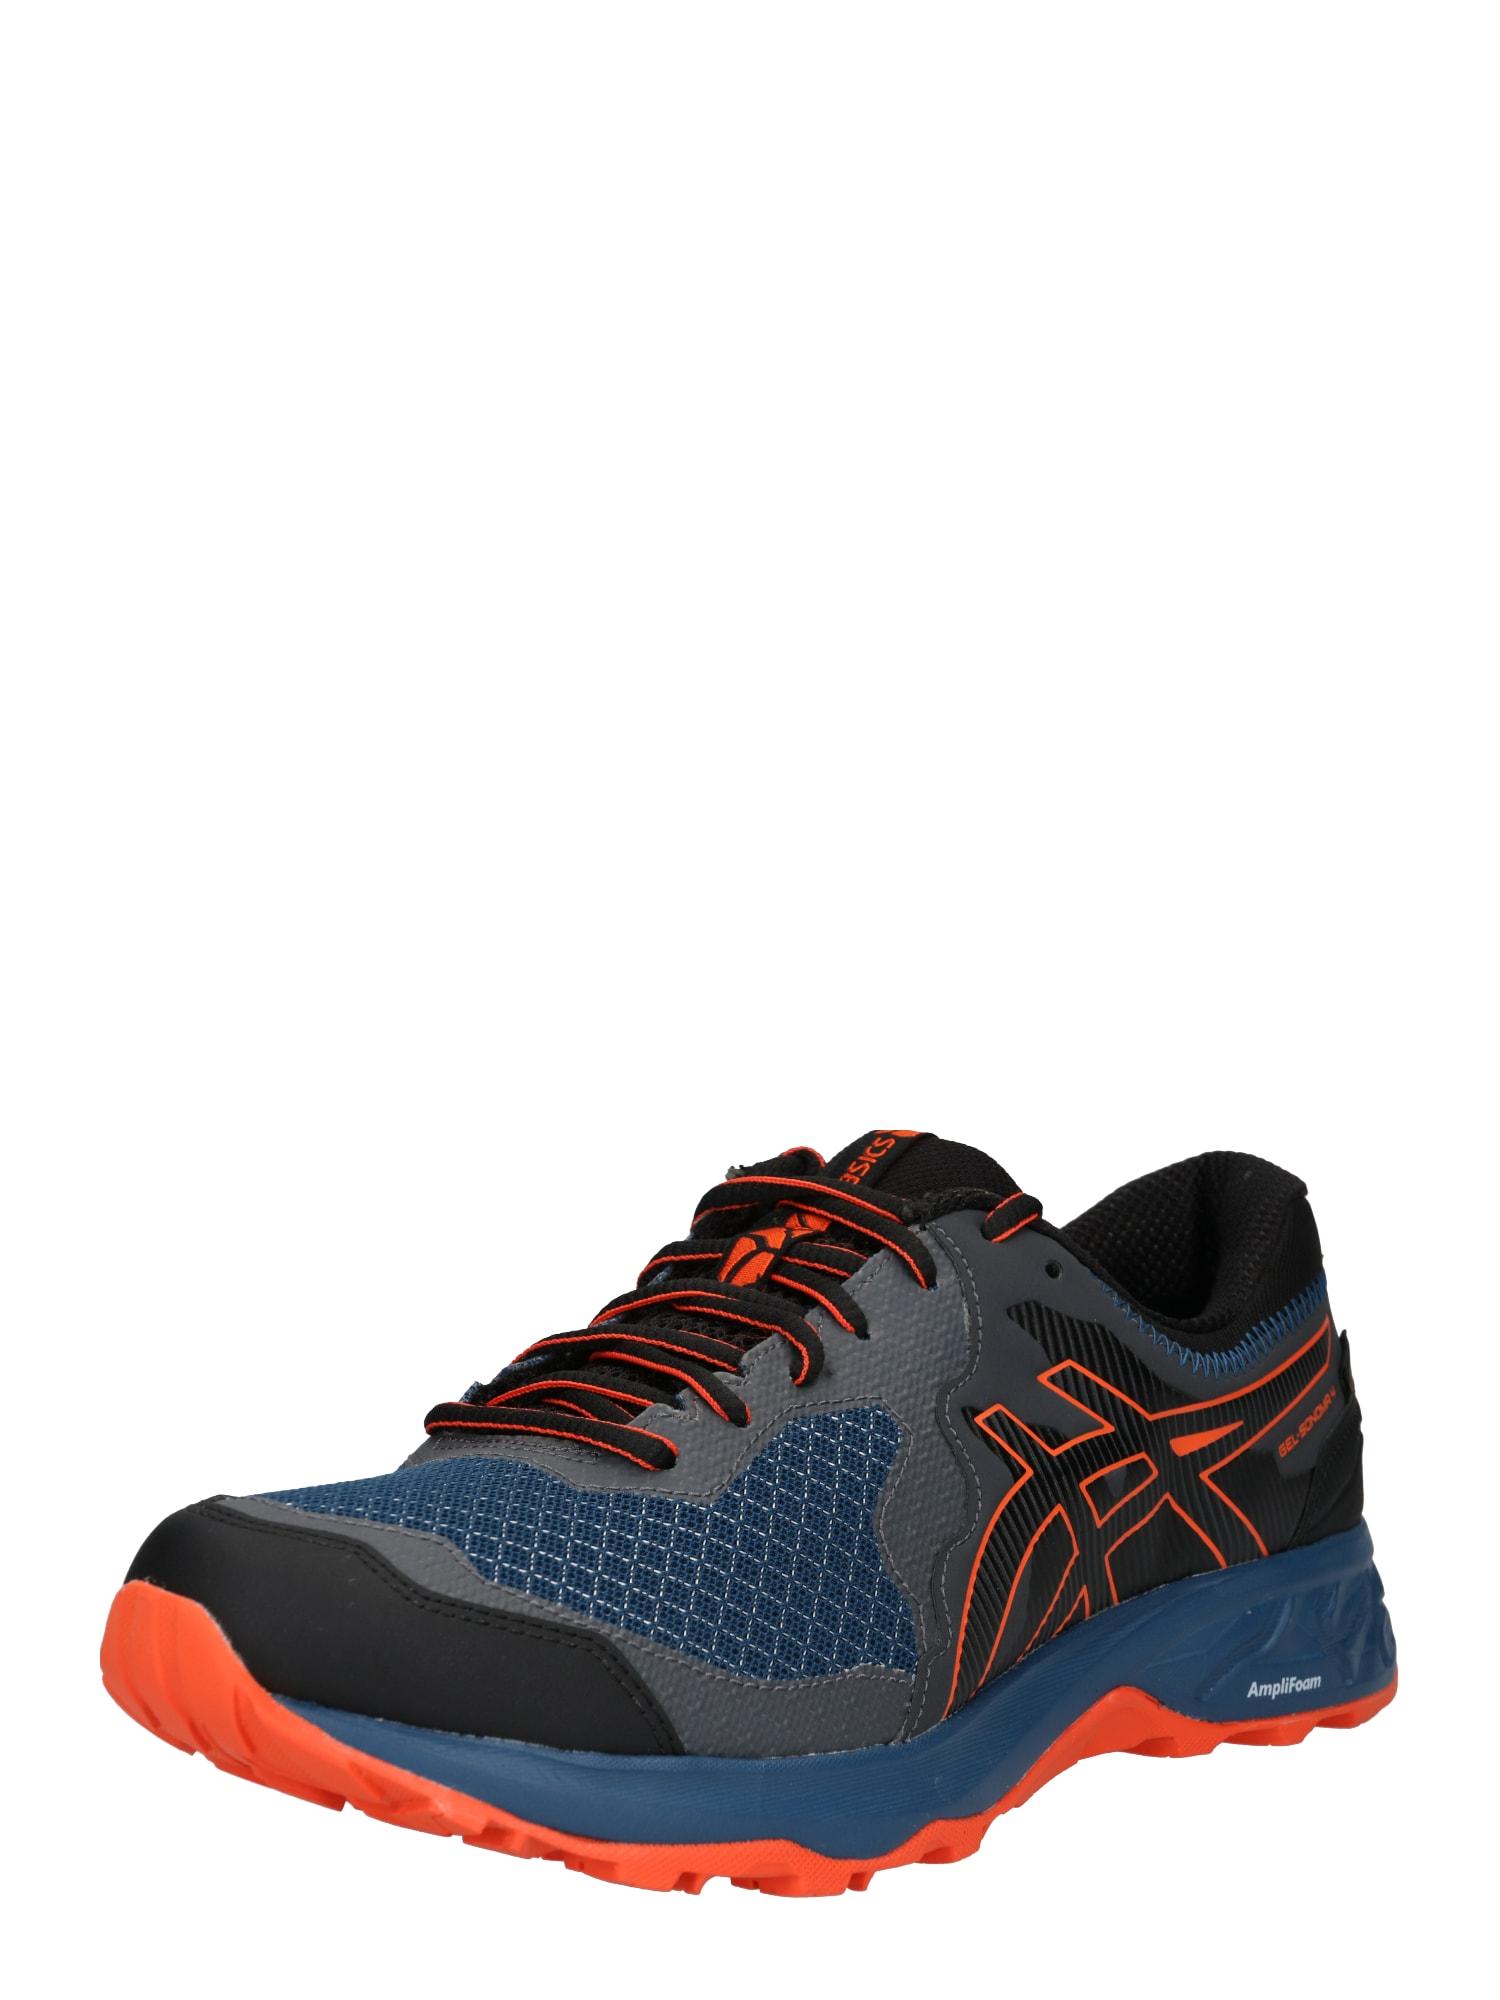 Běžecká obuv Gel-Sonoma 4 GTX tmavě modrá šedá tmavě oranžová černá ASICS